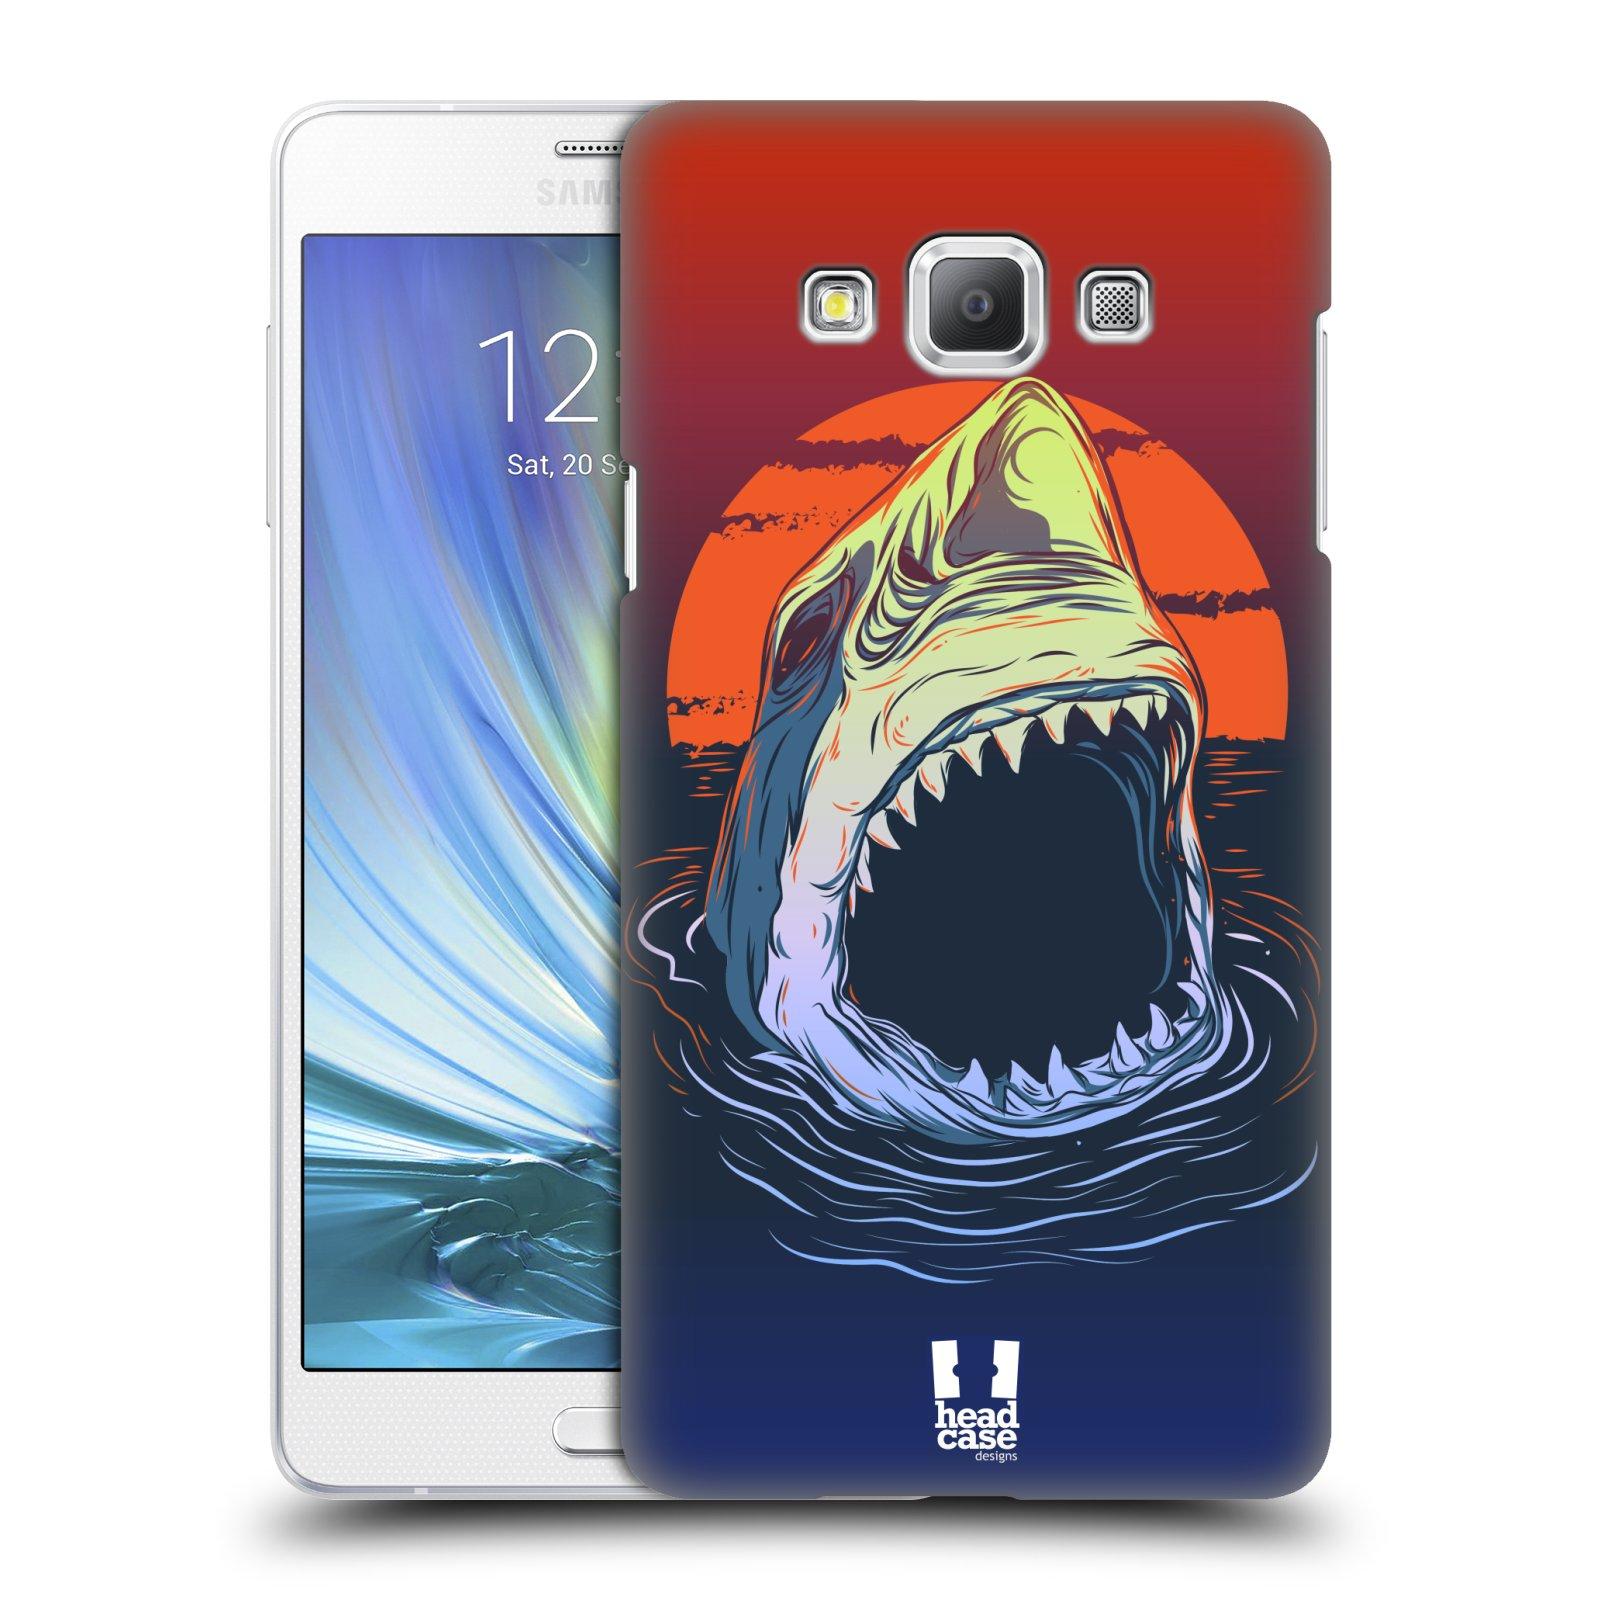 HEAD CASE plastový obal na mobil SAMSUNG GALAXY A7 vzor mořská monstra žralok